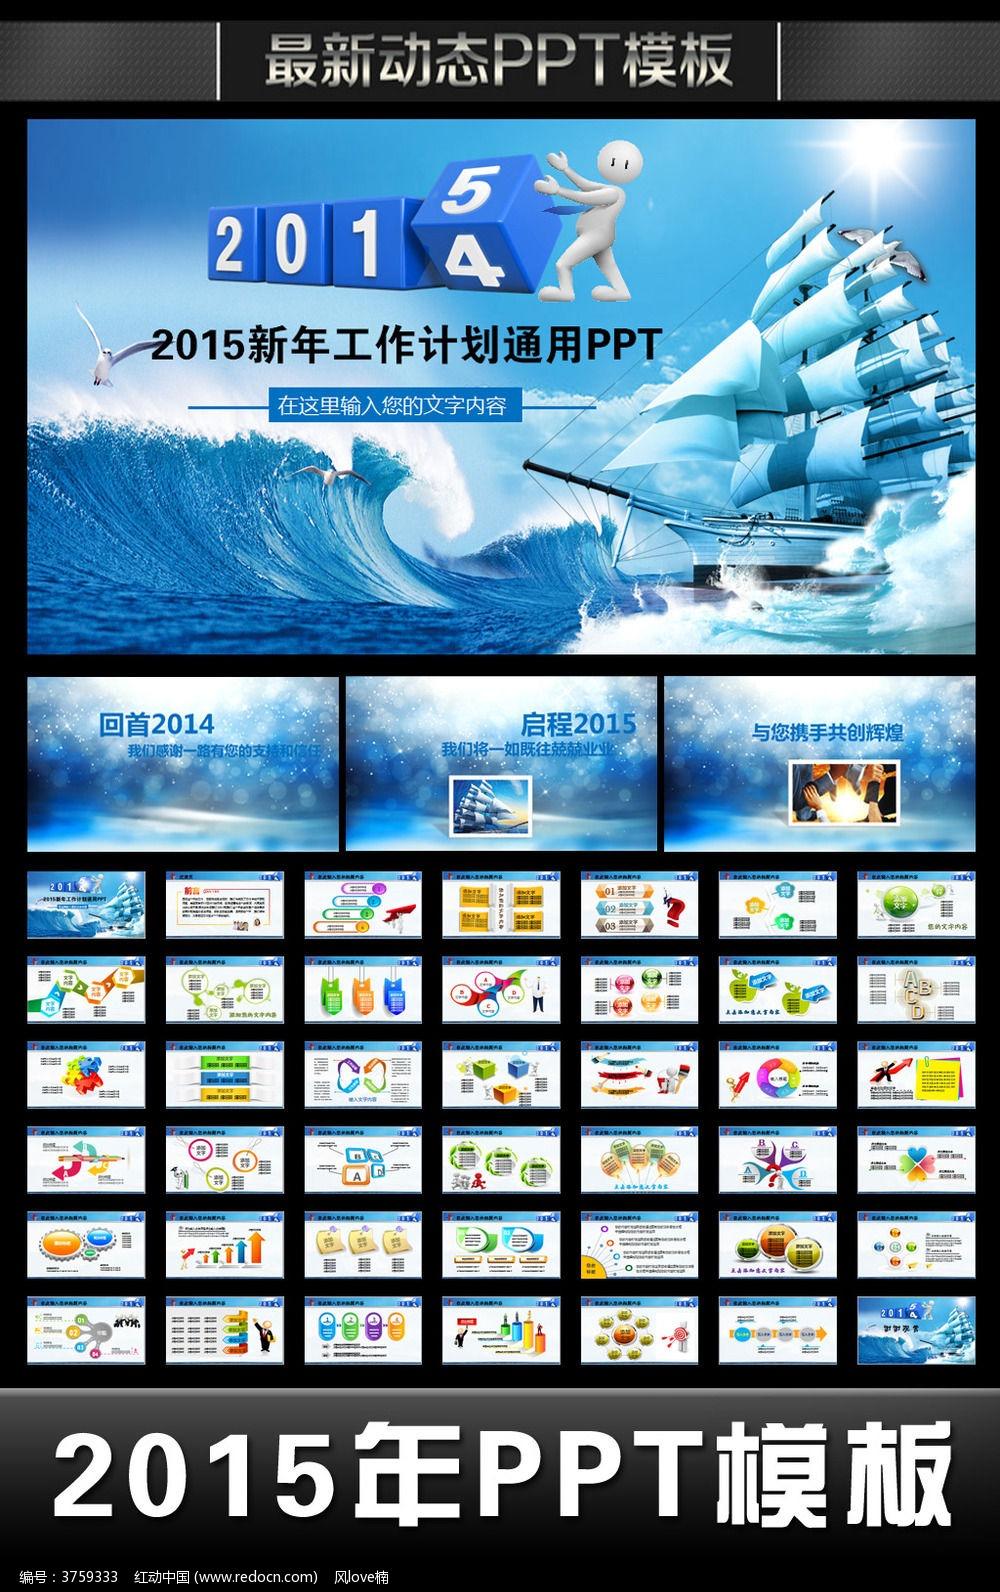 标签: 2015年 羊年 年终总结 新年计划 PPT PPT模板 PPT图表 动态